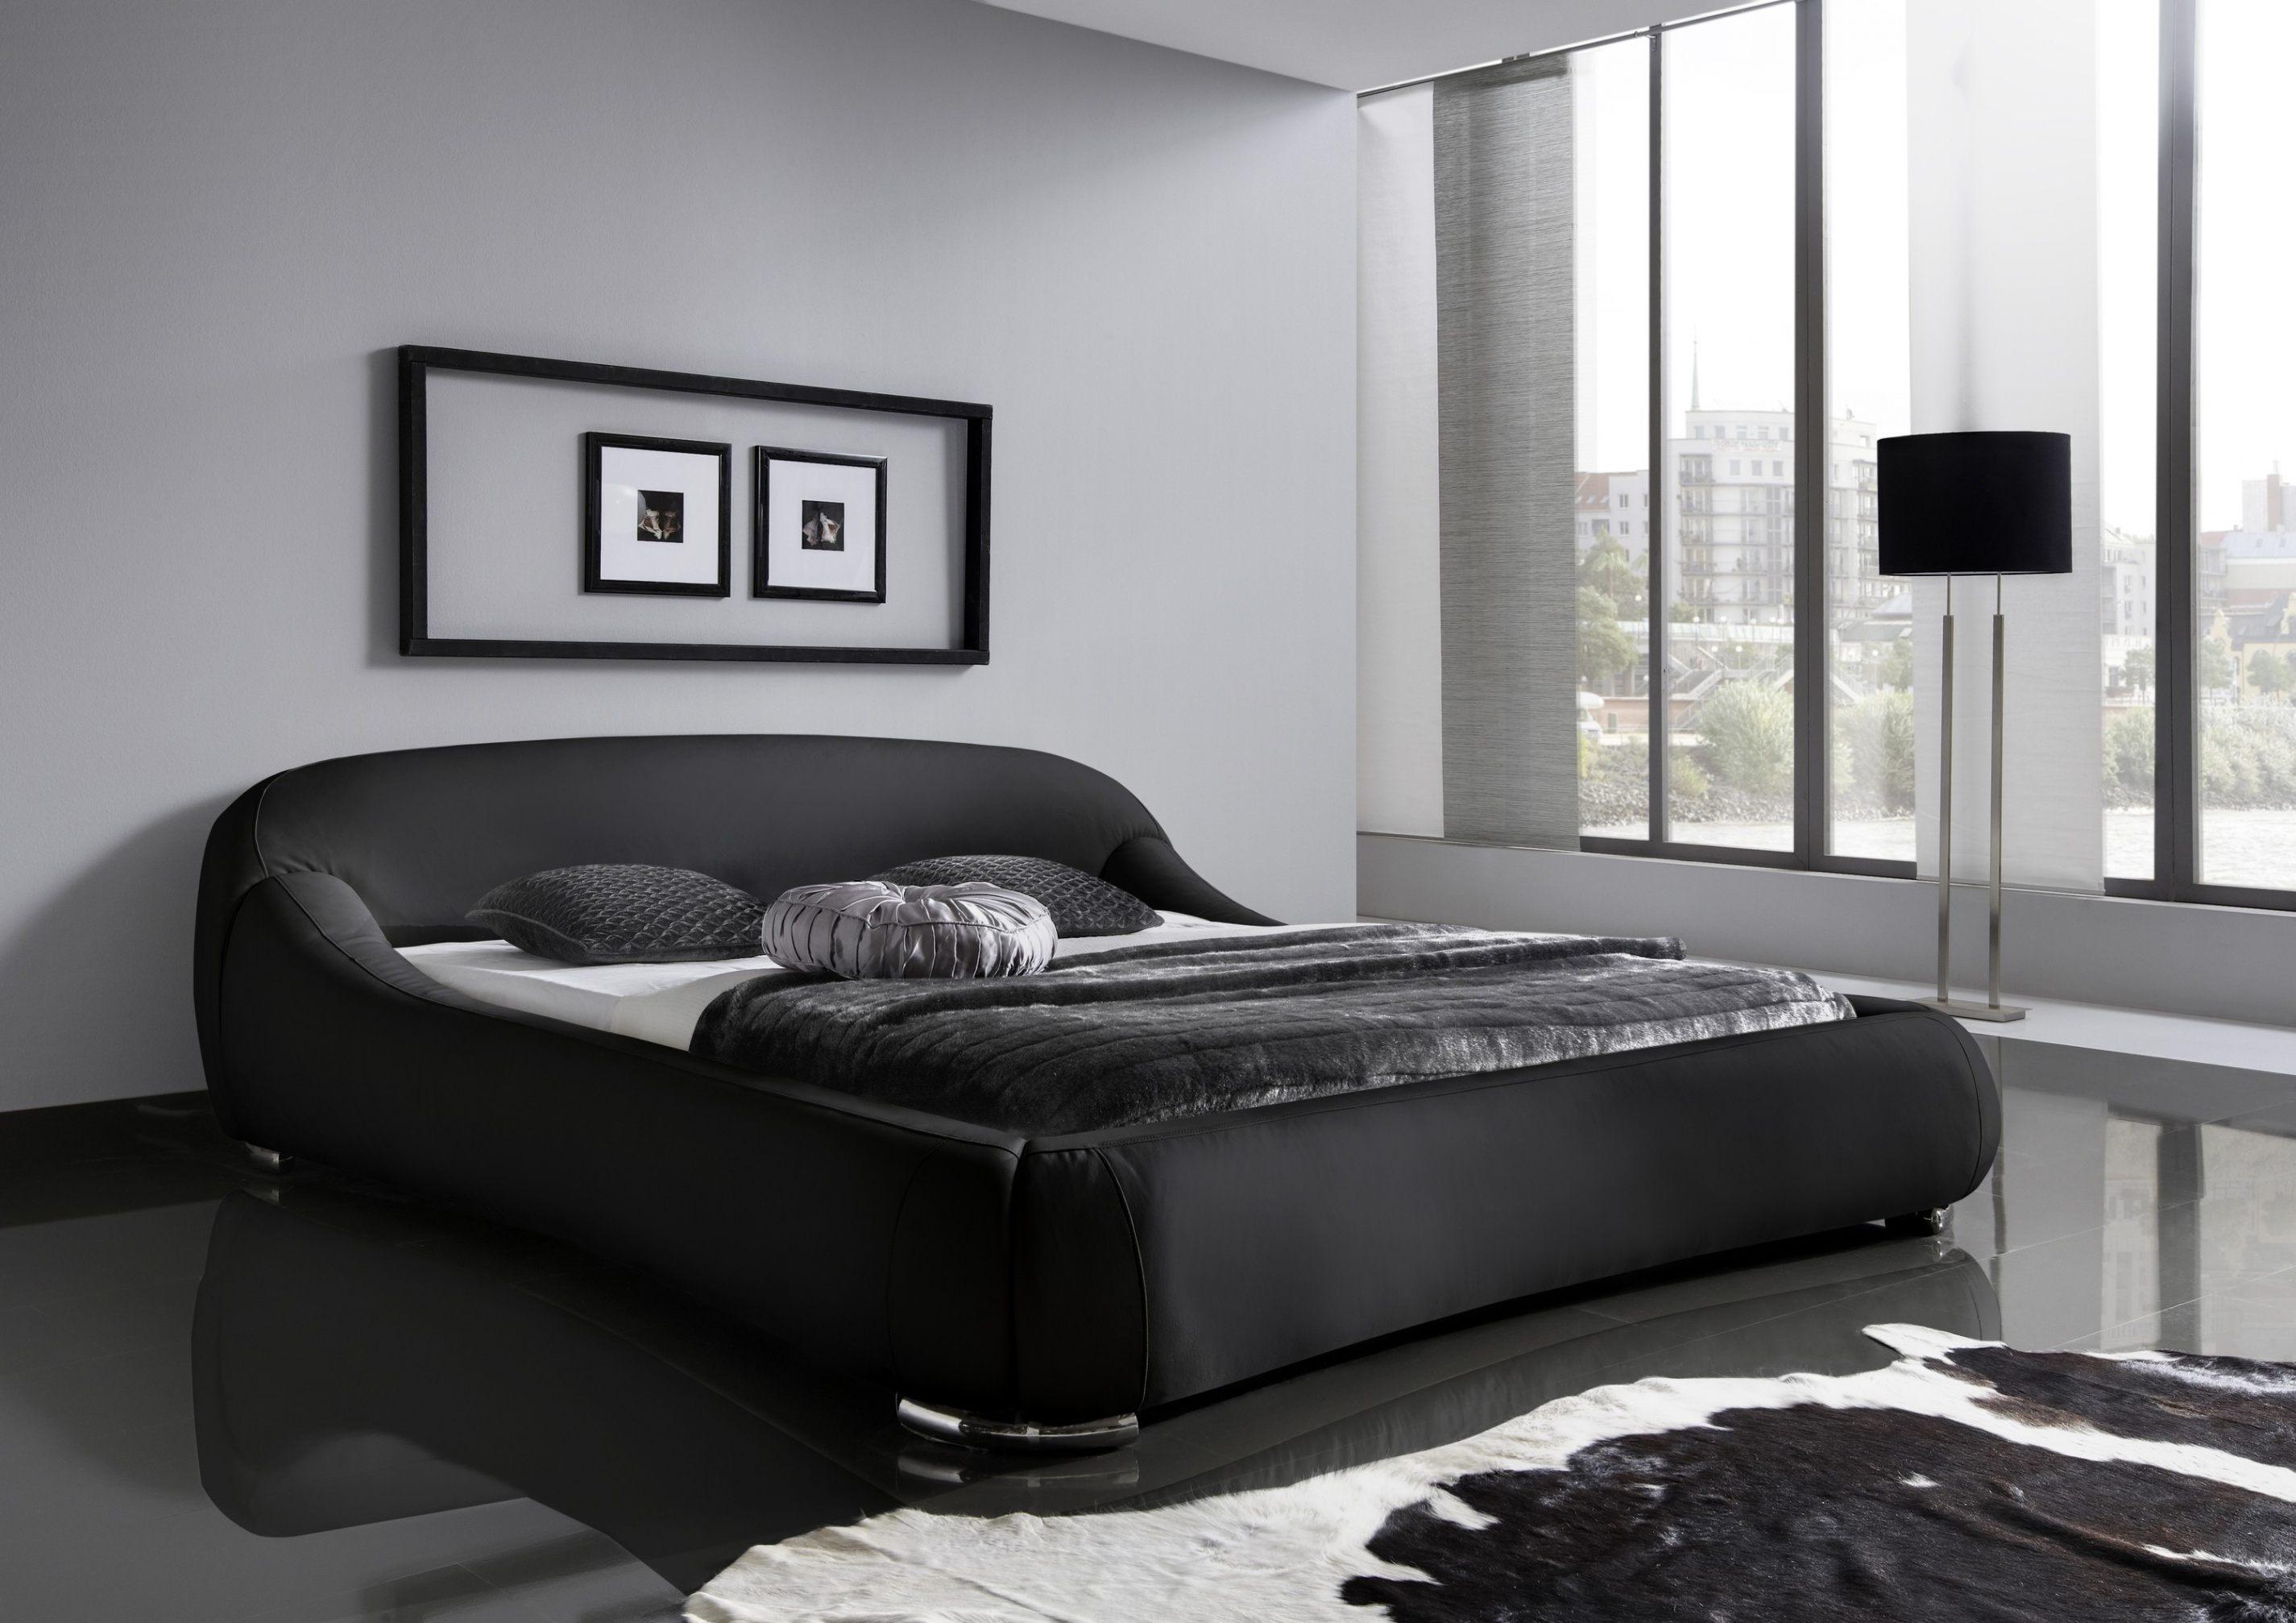 Groupon Tete De Lit Douce Lit Design 160×200 160×200 Finest Lit X Led Lit Led Design Groupon